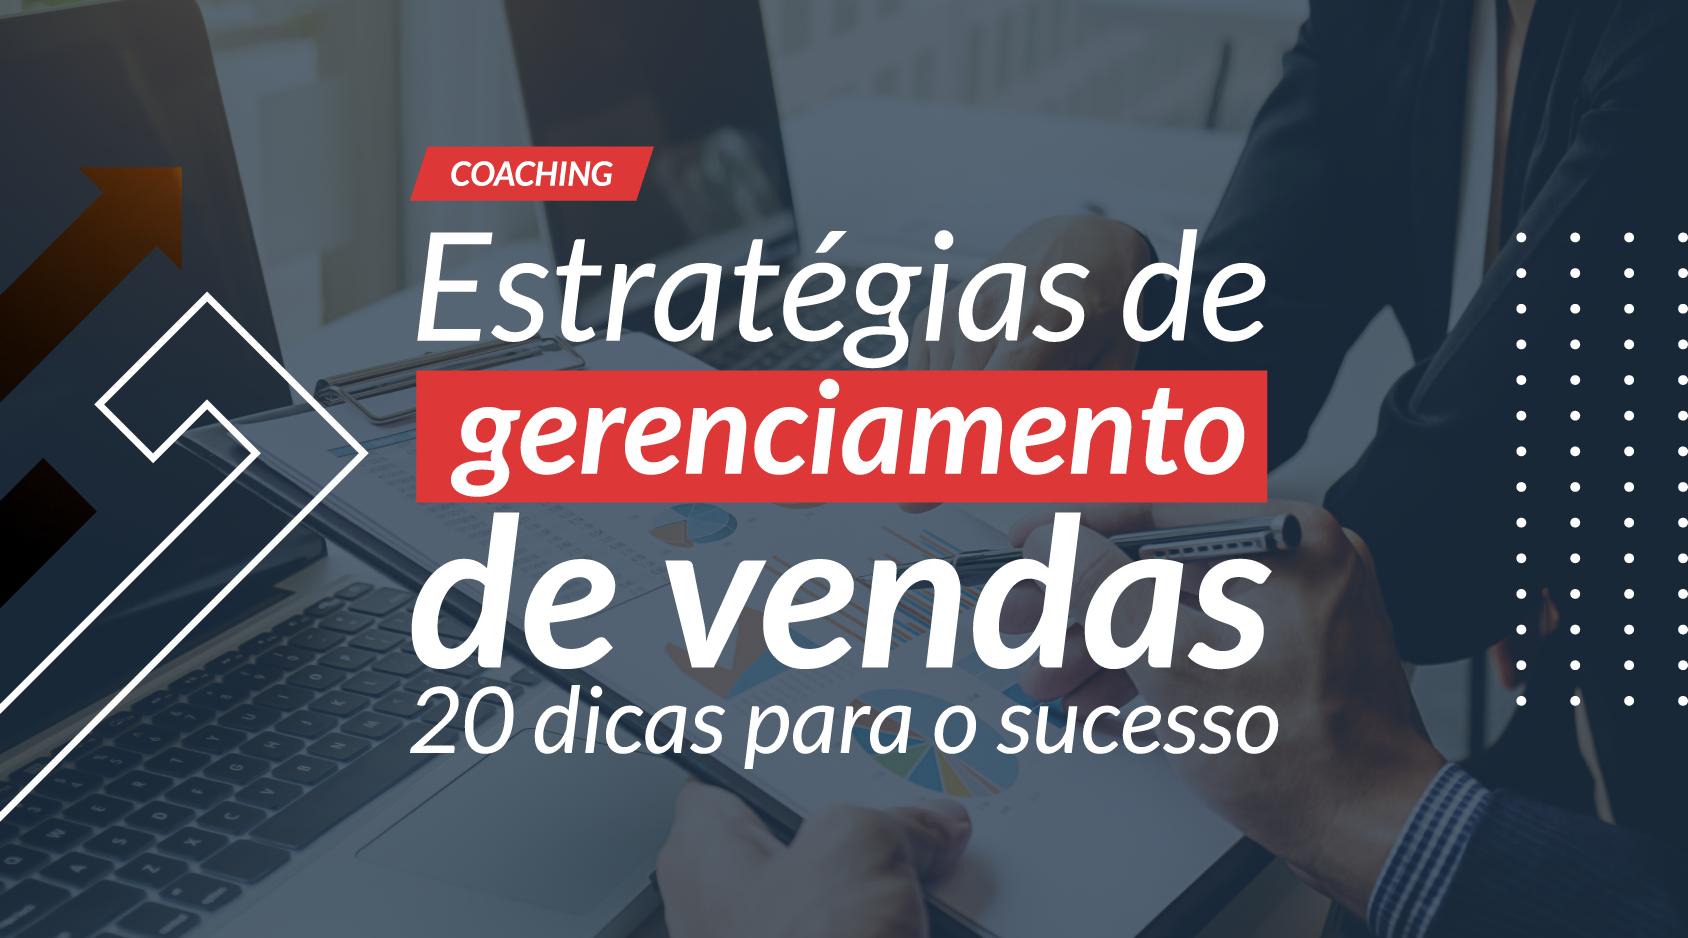 Estratégias de gerenciamento de vendas: 20 dicas para o sucesso